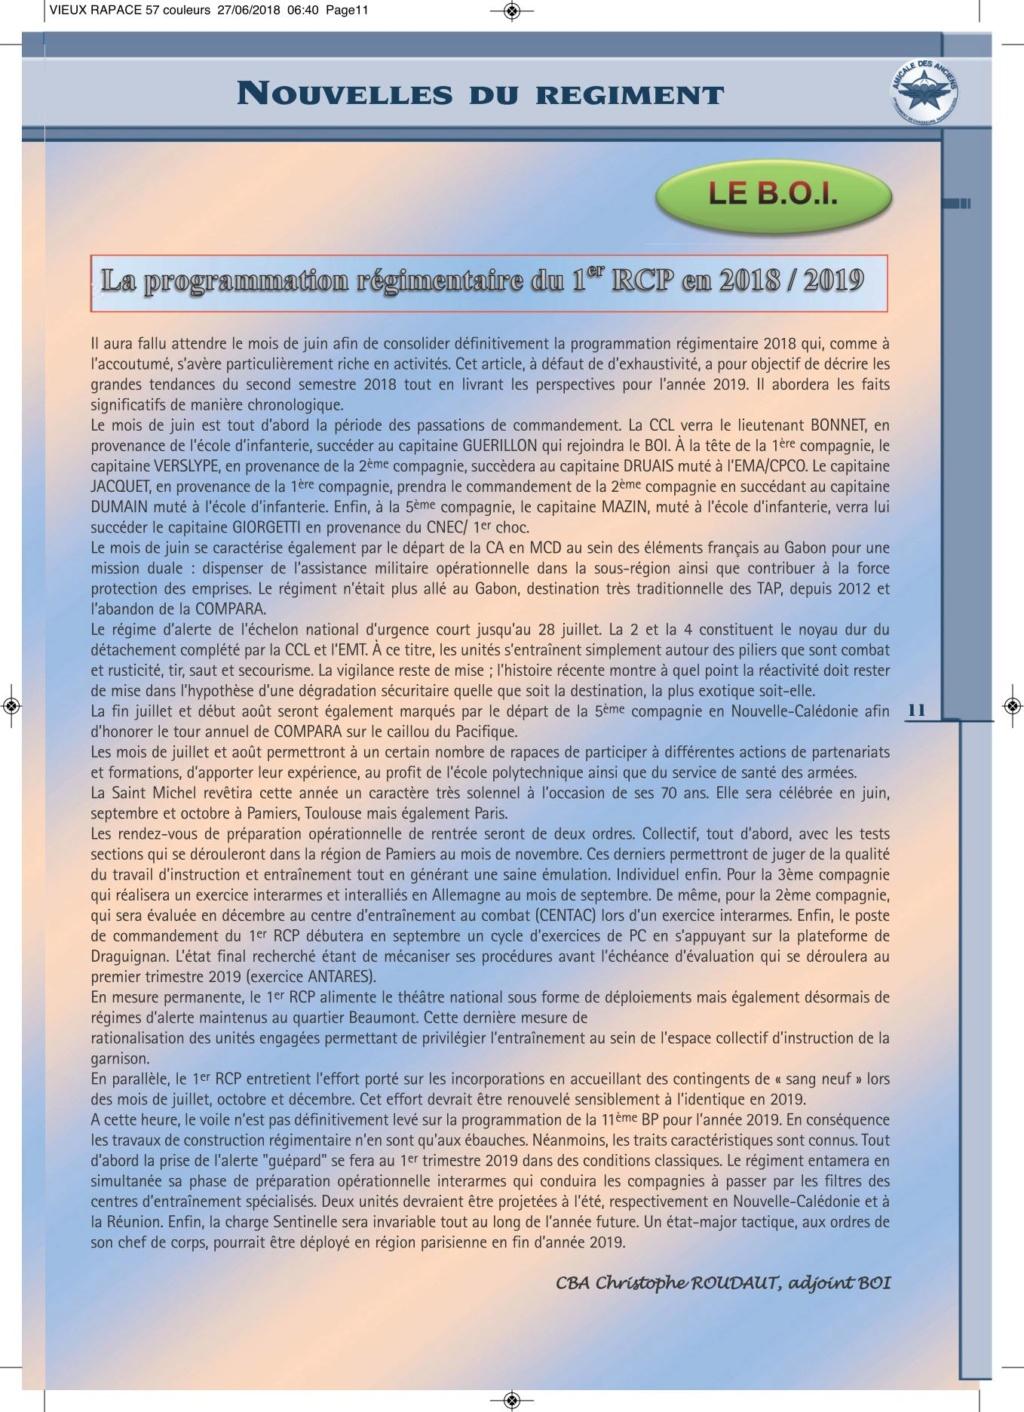 LE VIEUX RAPACE n°57 Vieux_20